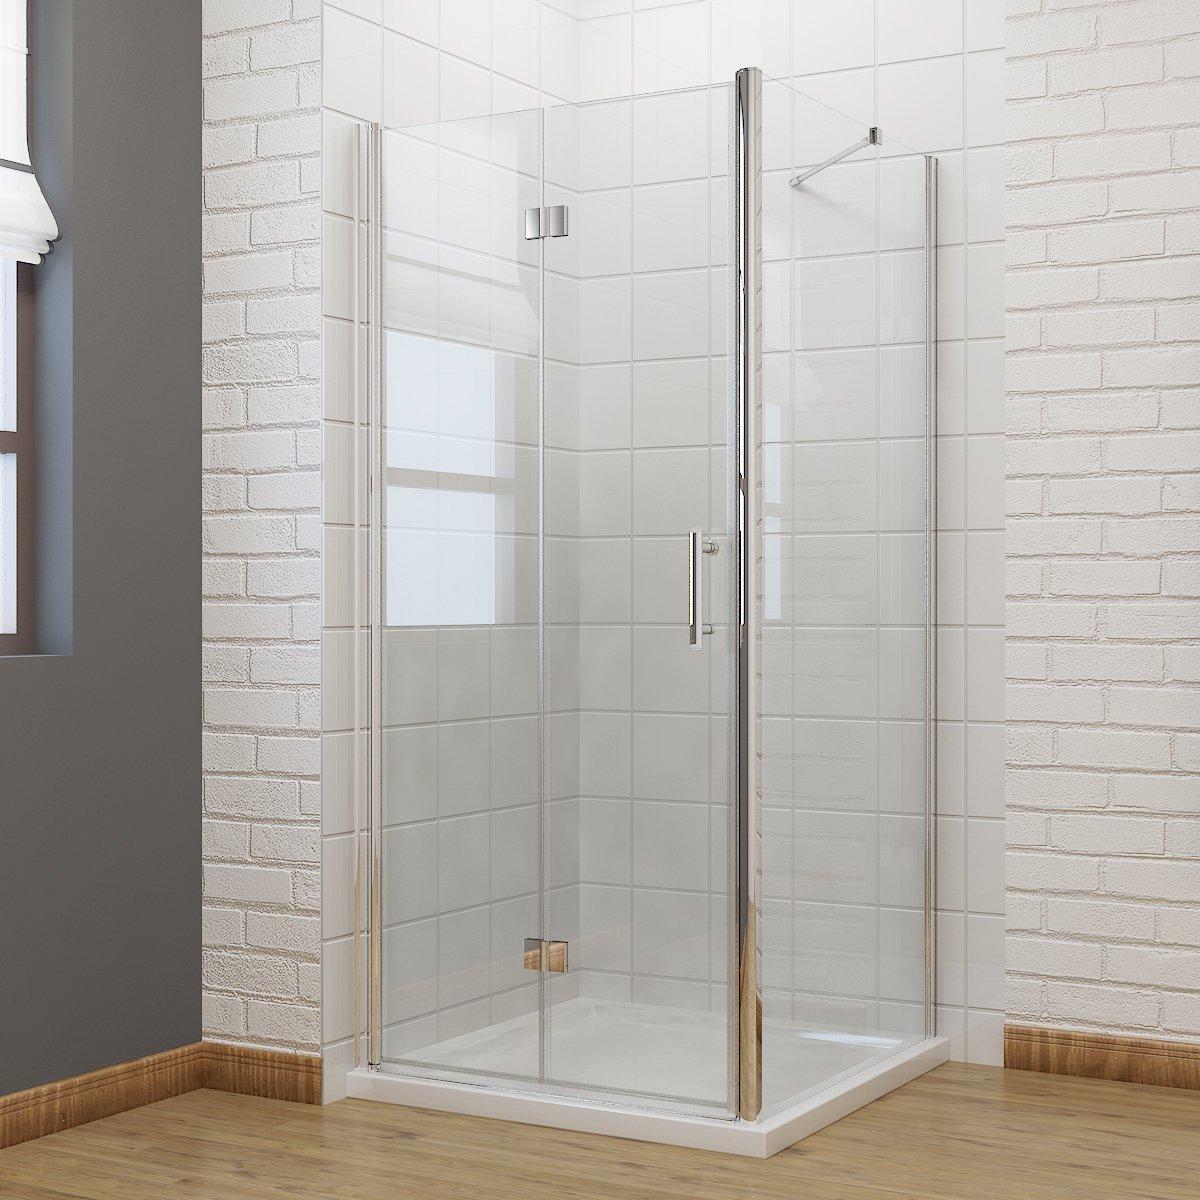 900 x 800 mm Bifold Shower Enclosure Glass Shower Door Reversible ...